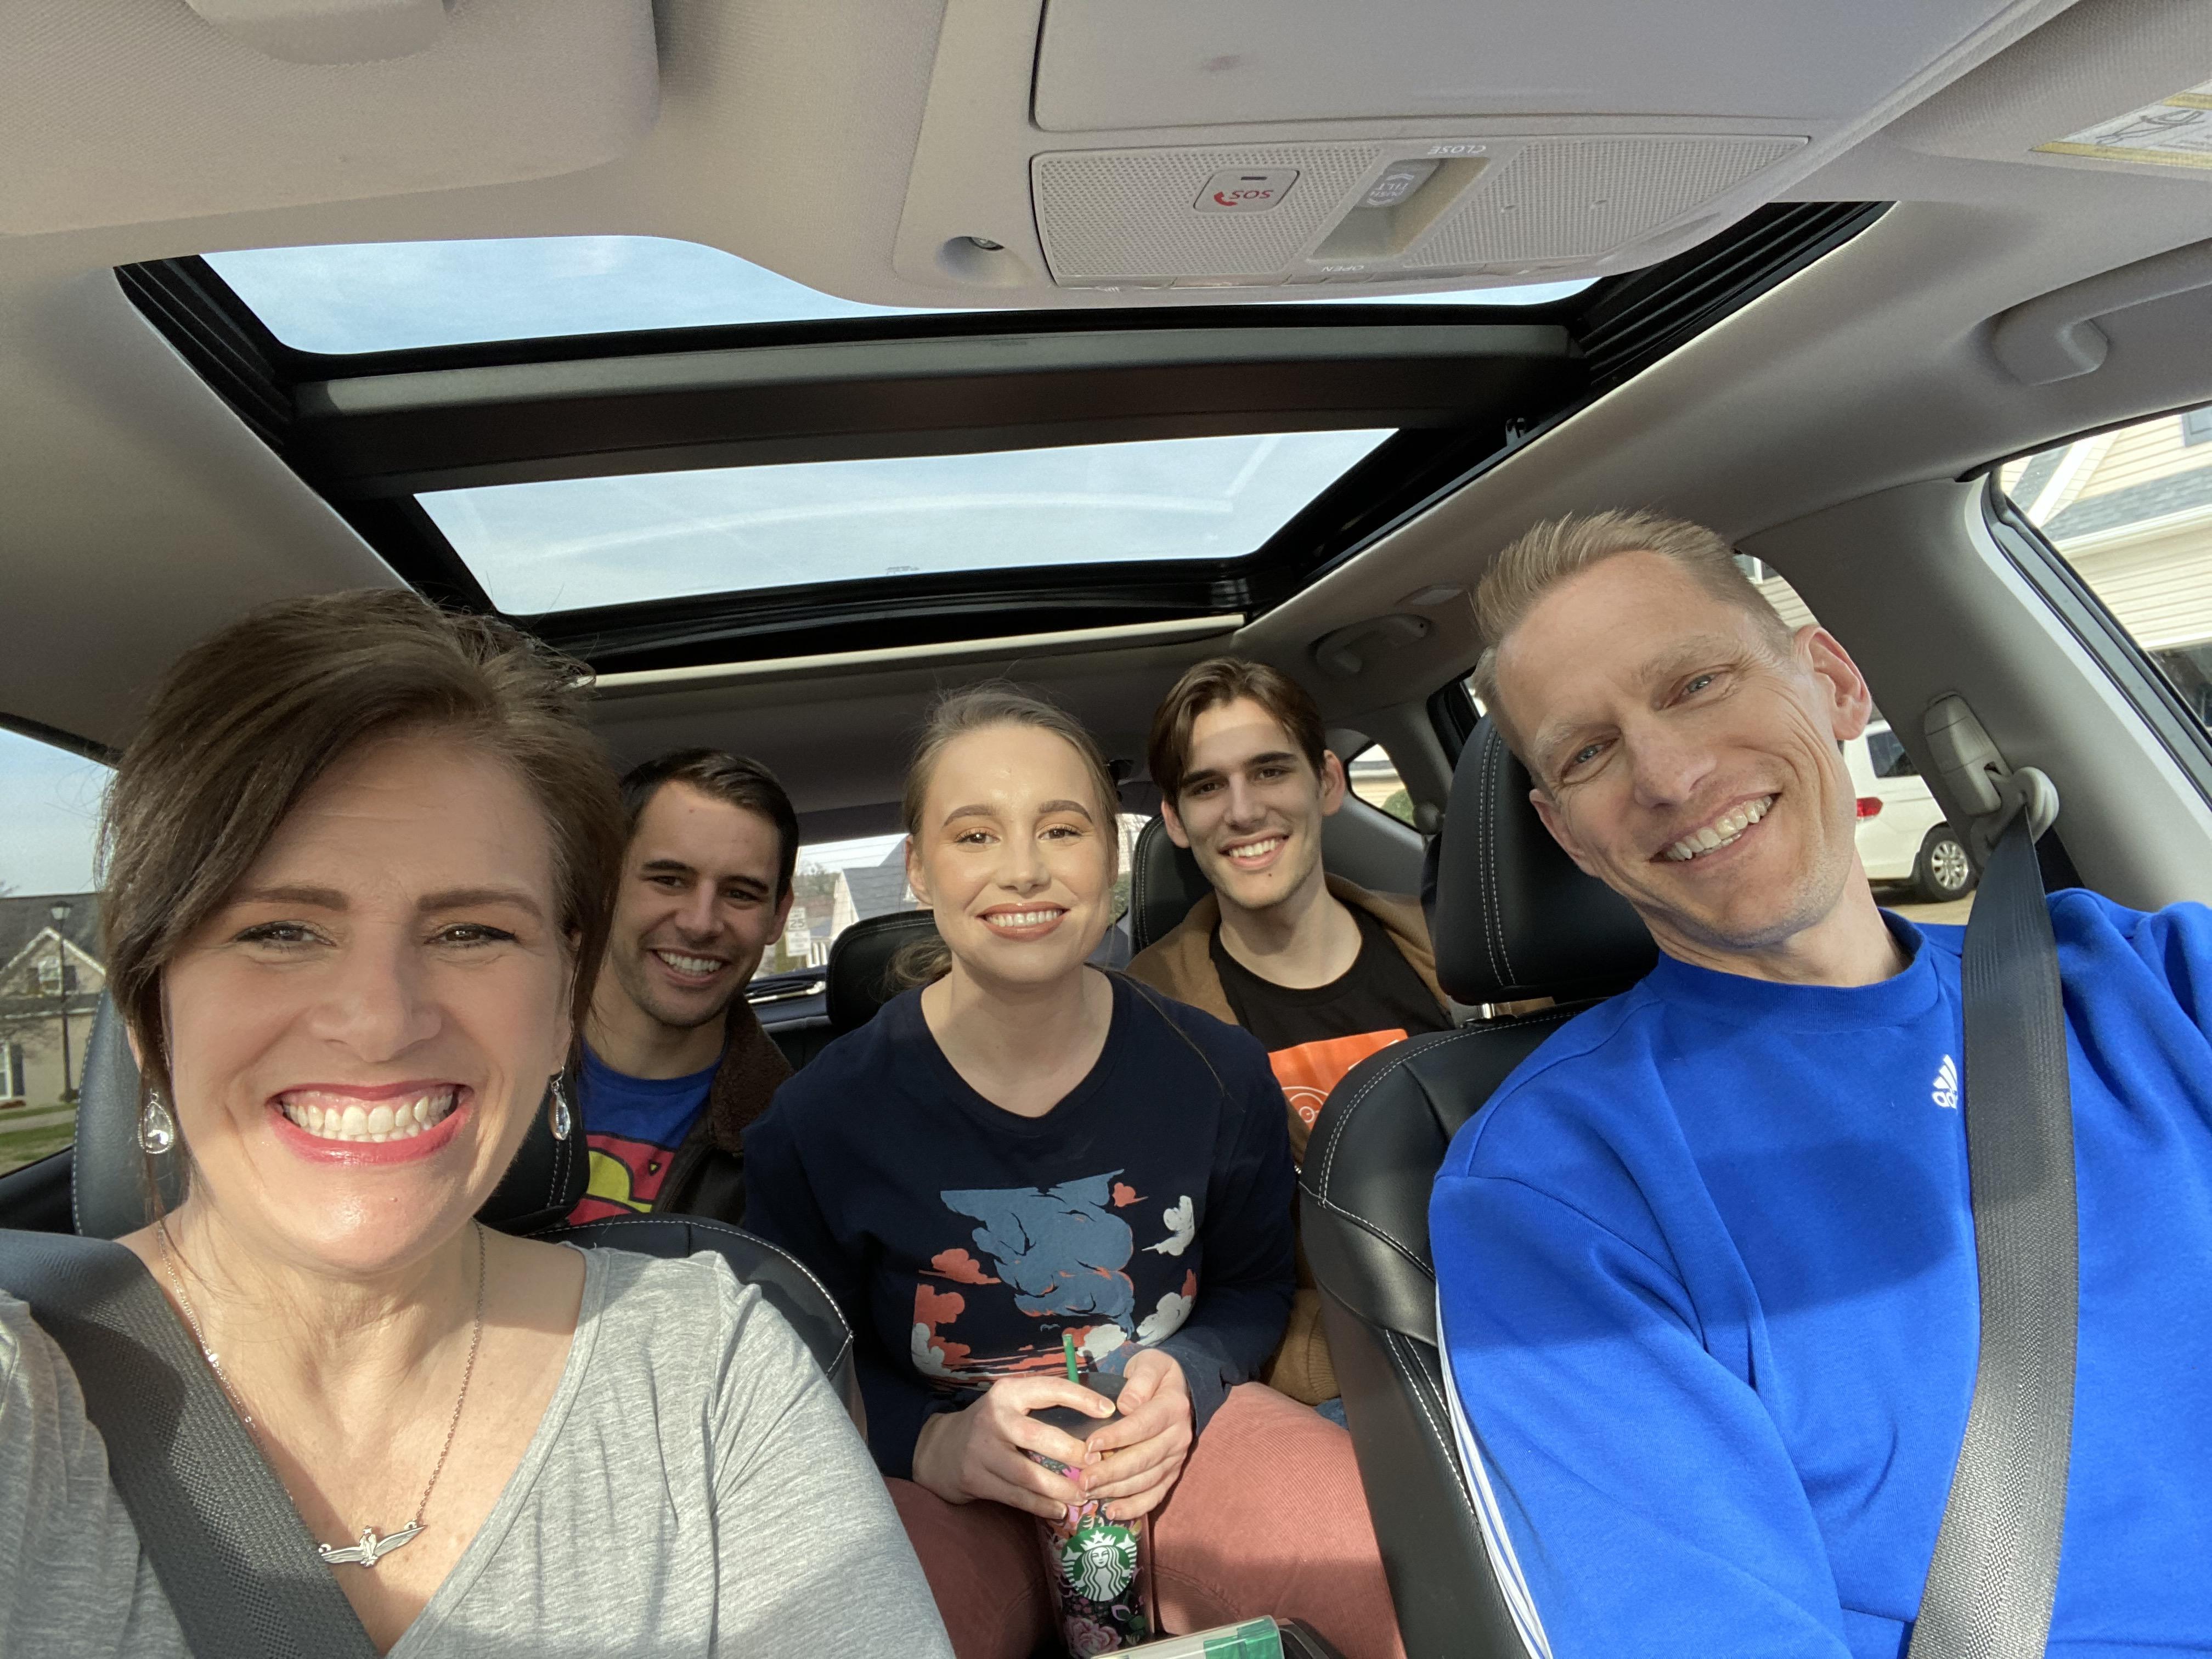 family pic in car